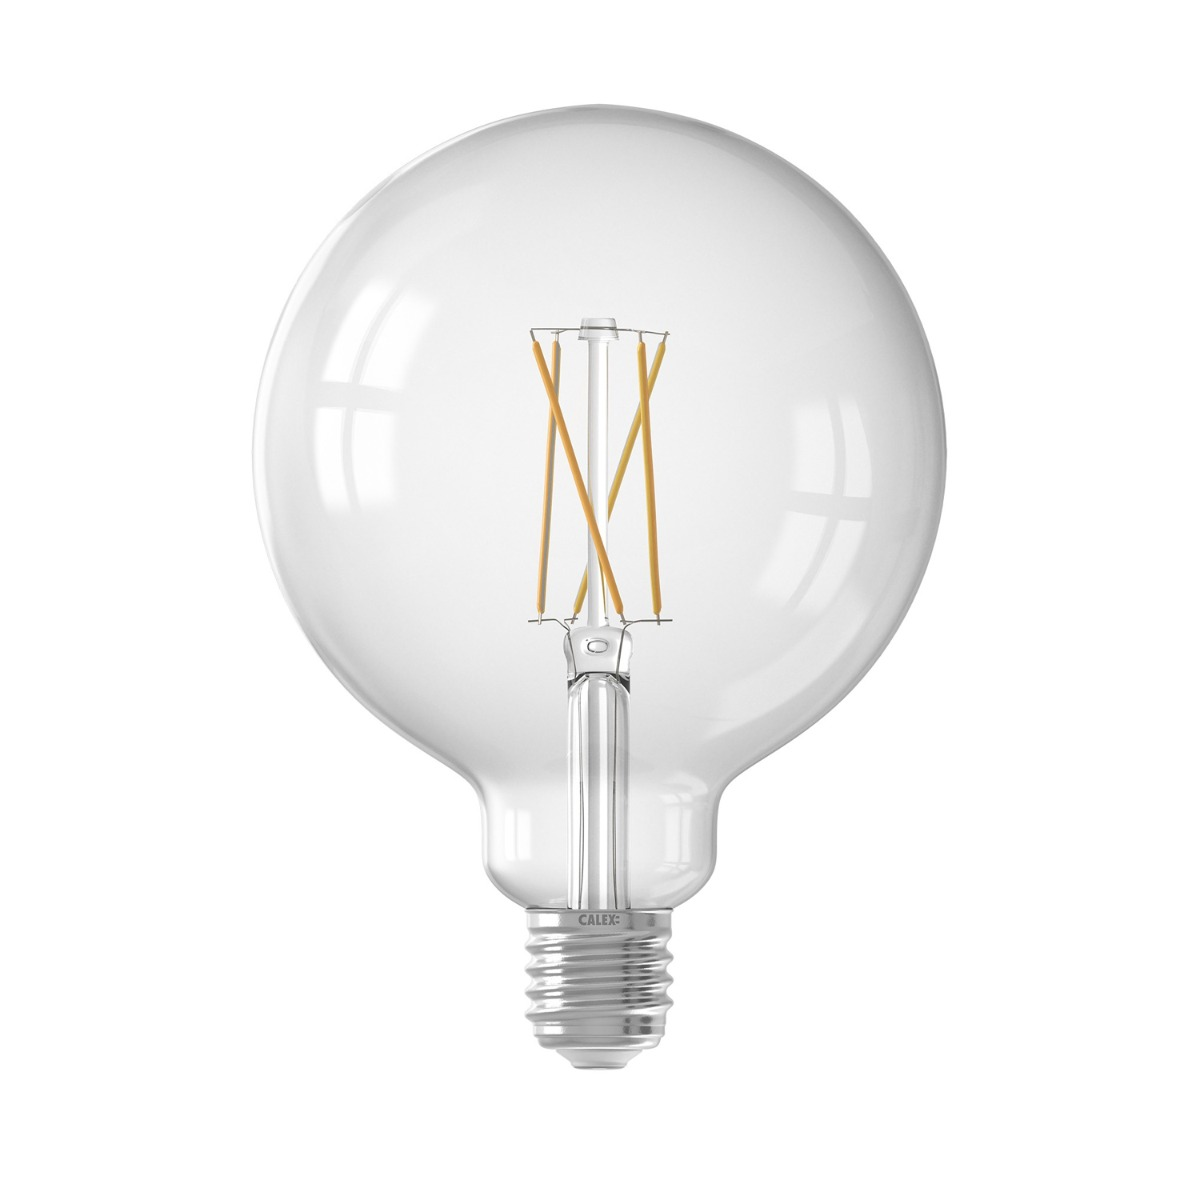 Outlight Smart Home E27 7,5W 1800-3000KØ 12,5cm Ec. 429036